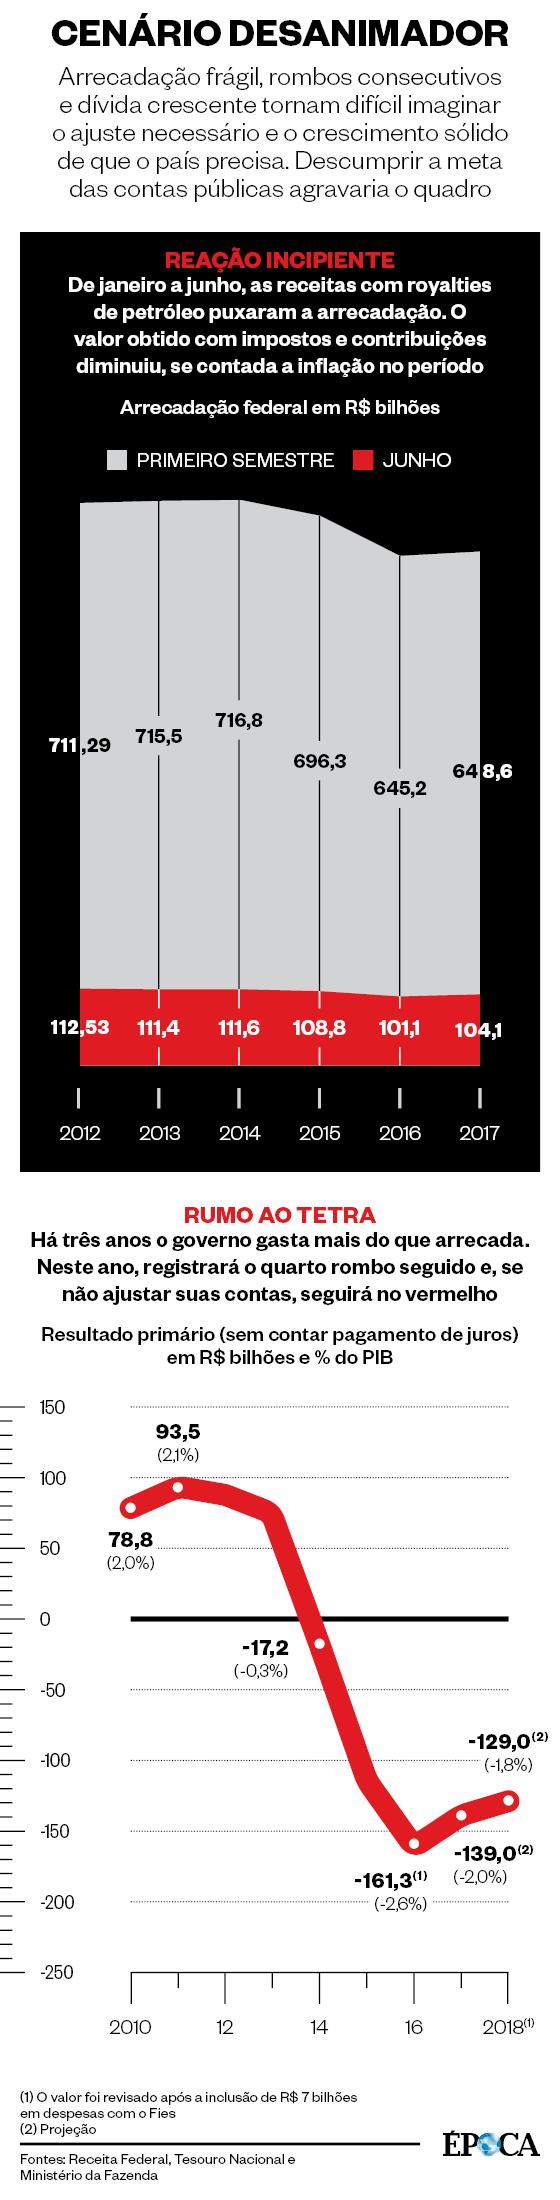 Economia Infográfico Época